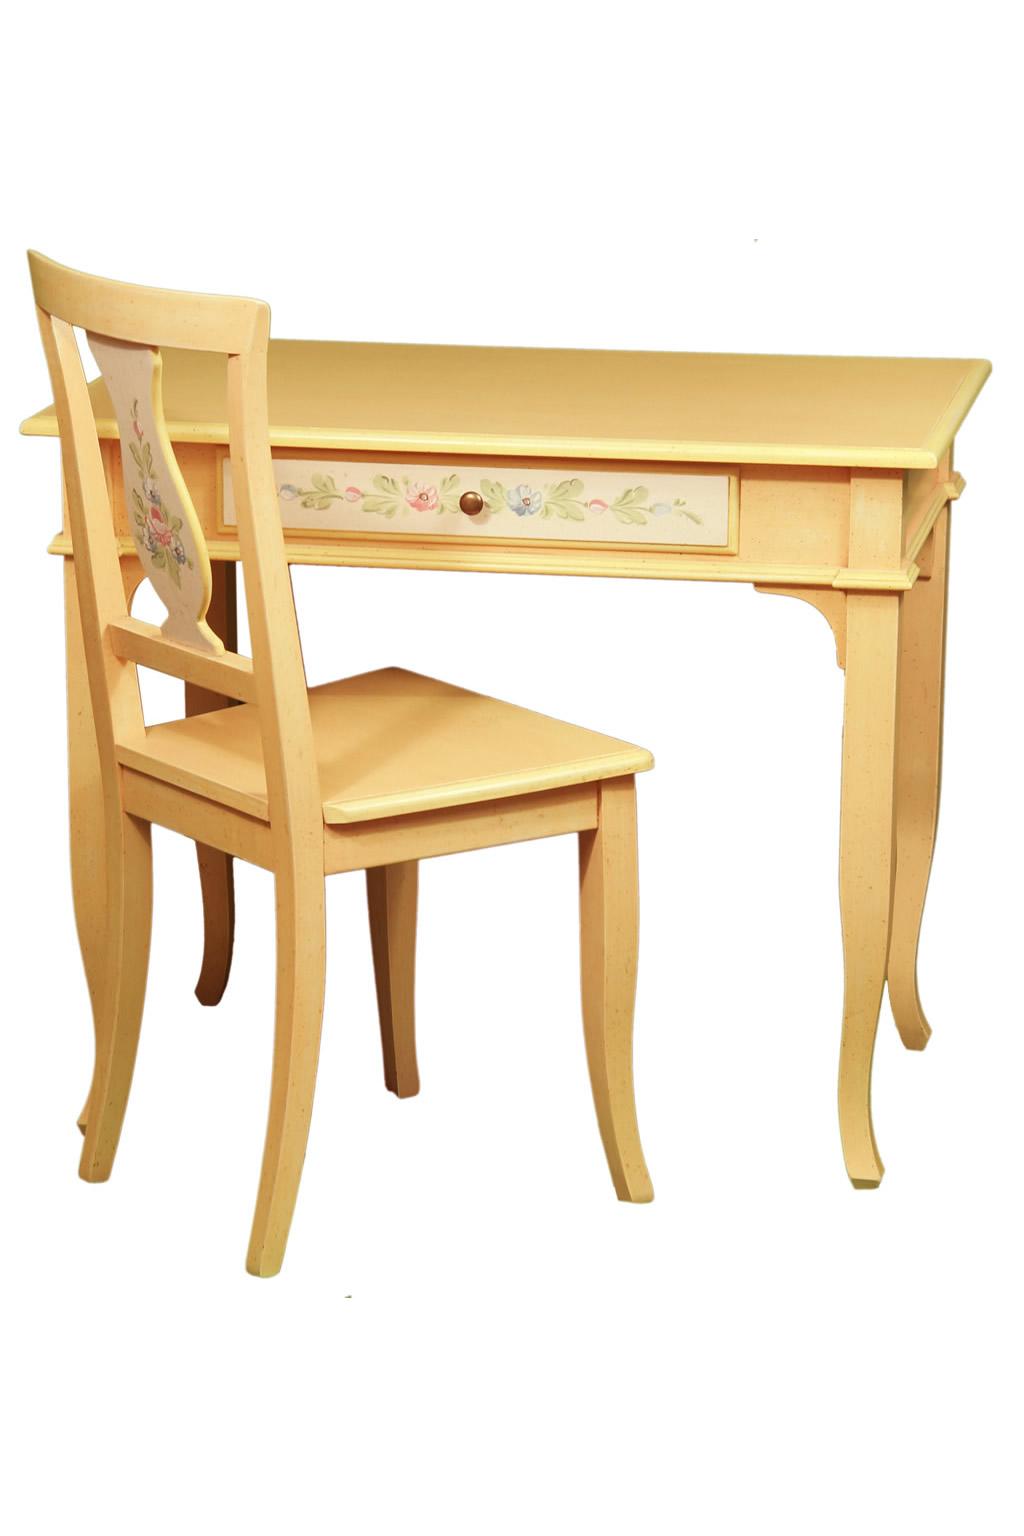 sedia in legno decorata nella decorosa